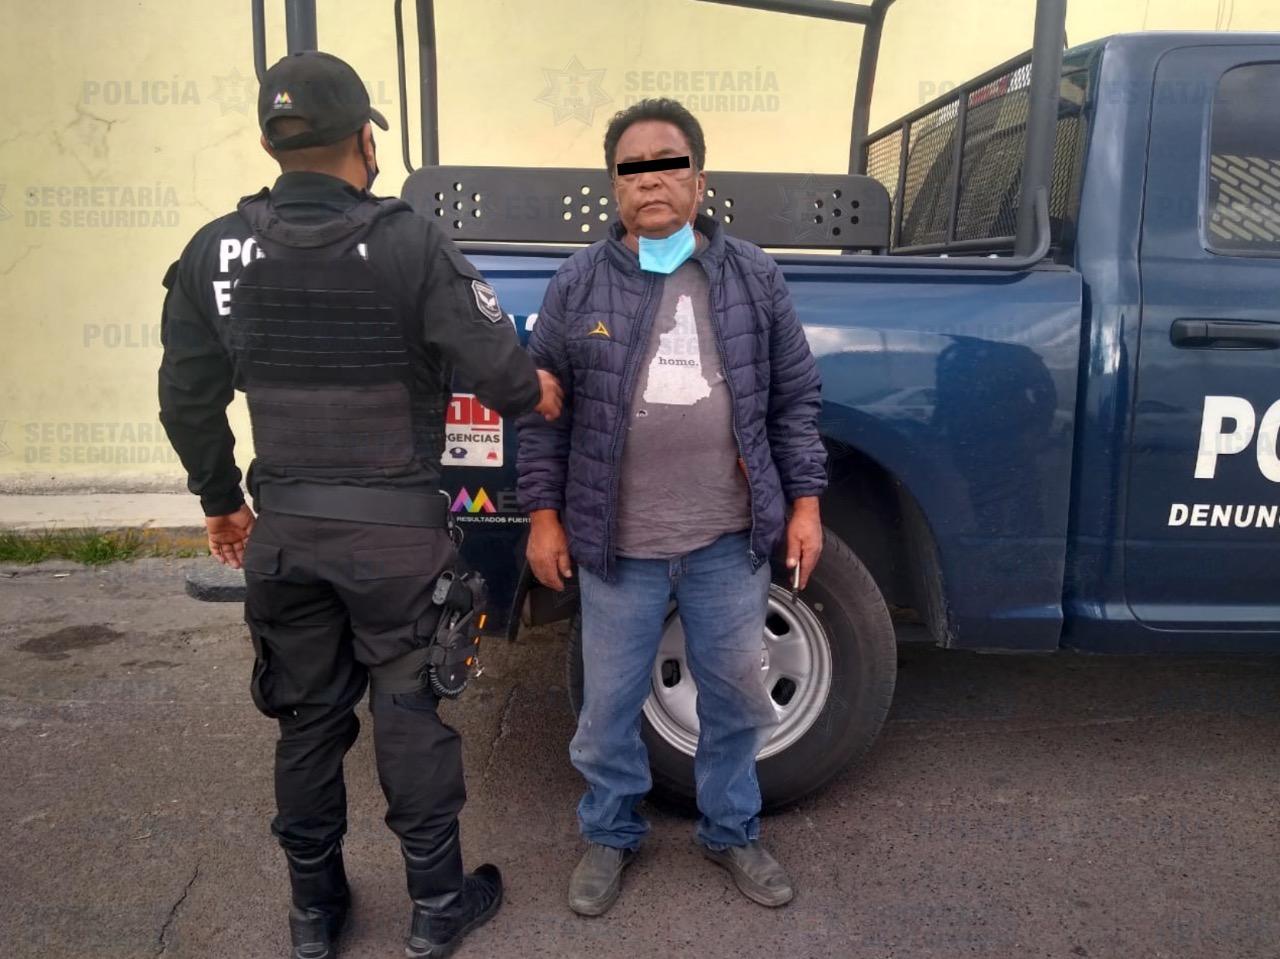 SECRETARÍA DE SEGURIDAD RECUPERA VEHÍCULO CON REPORTE DE ROBO EN METEPEC